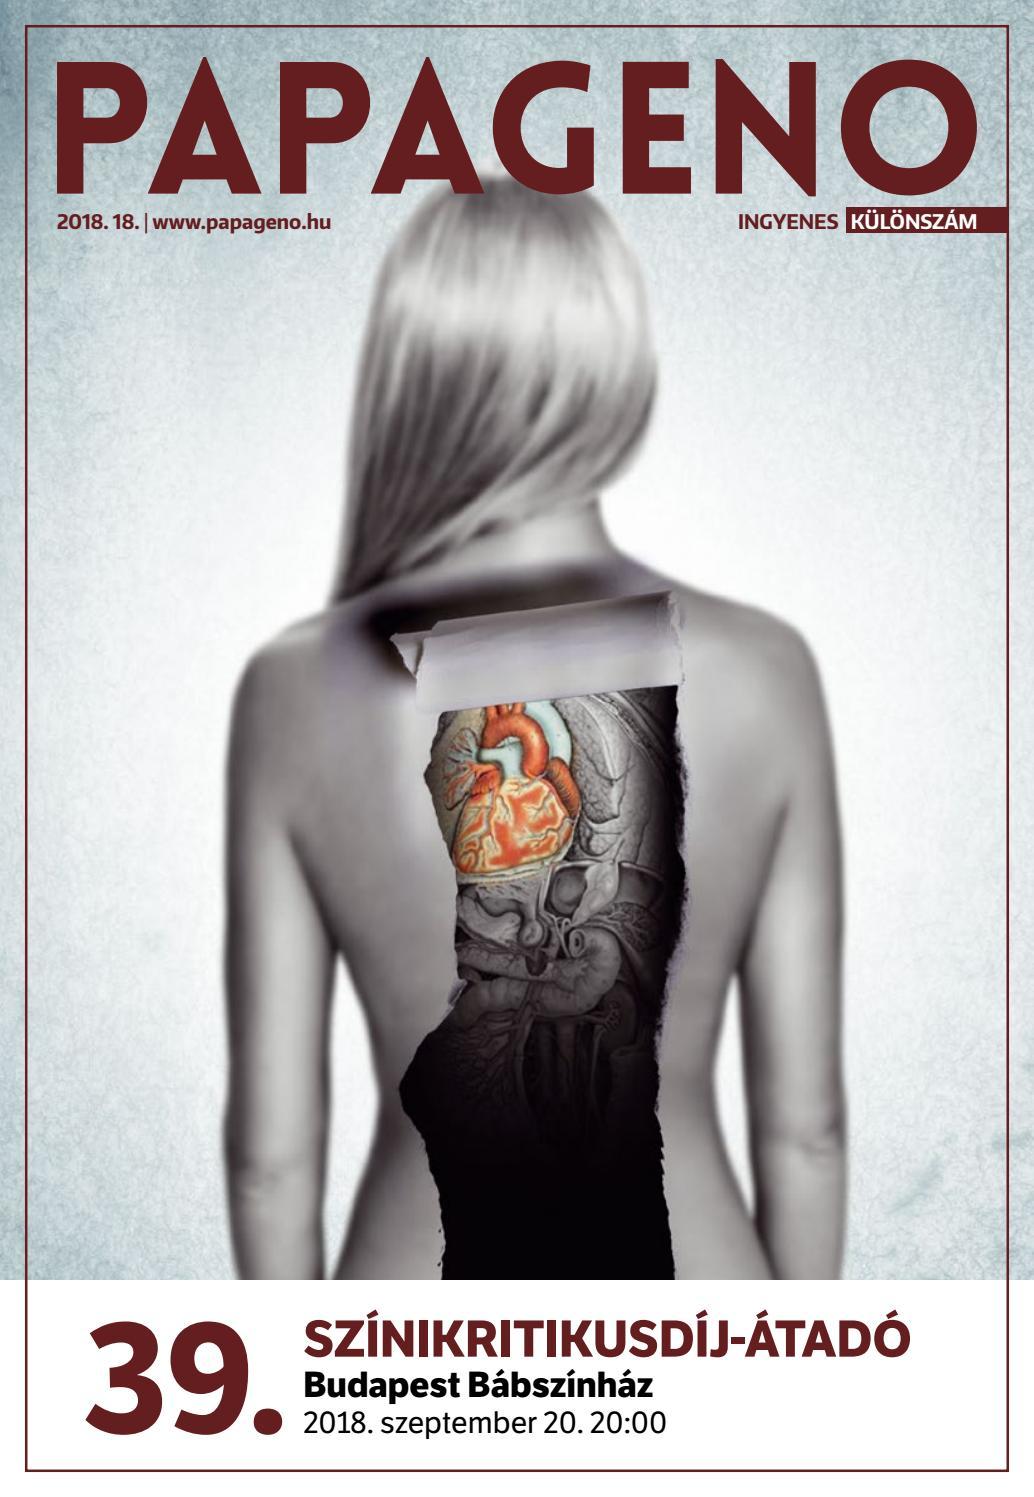 Grey anatómiája a valós életben mutatkozik meg